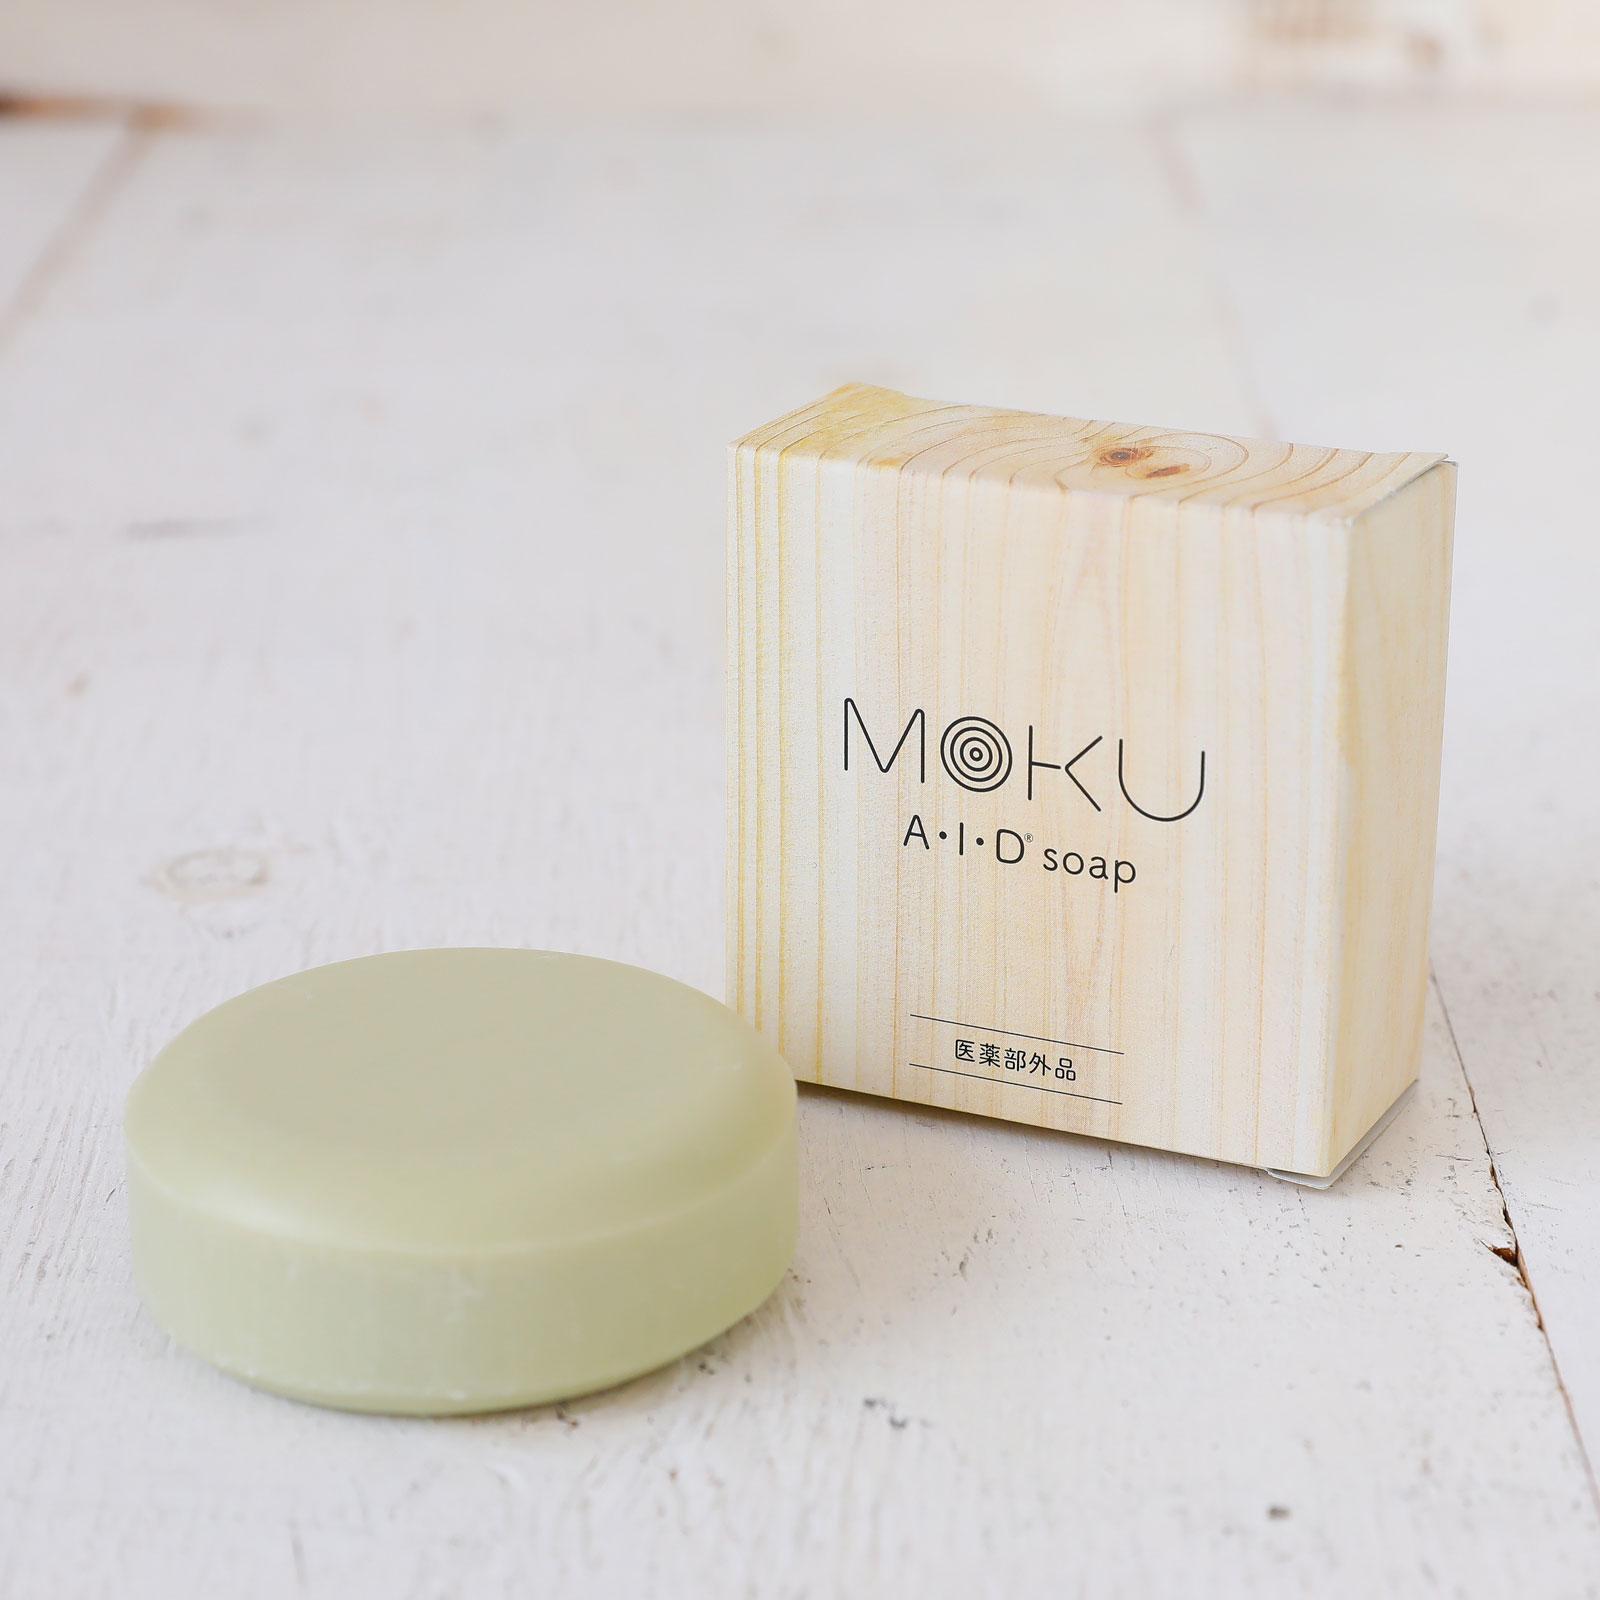 顔ダニ・ニキビダニ対策石鹸 医薬部外品 MOKU AIDソープ 3個セット10%OFF